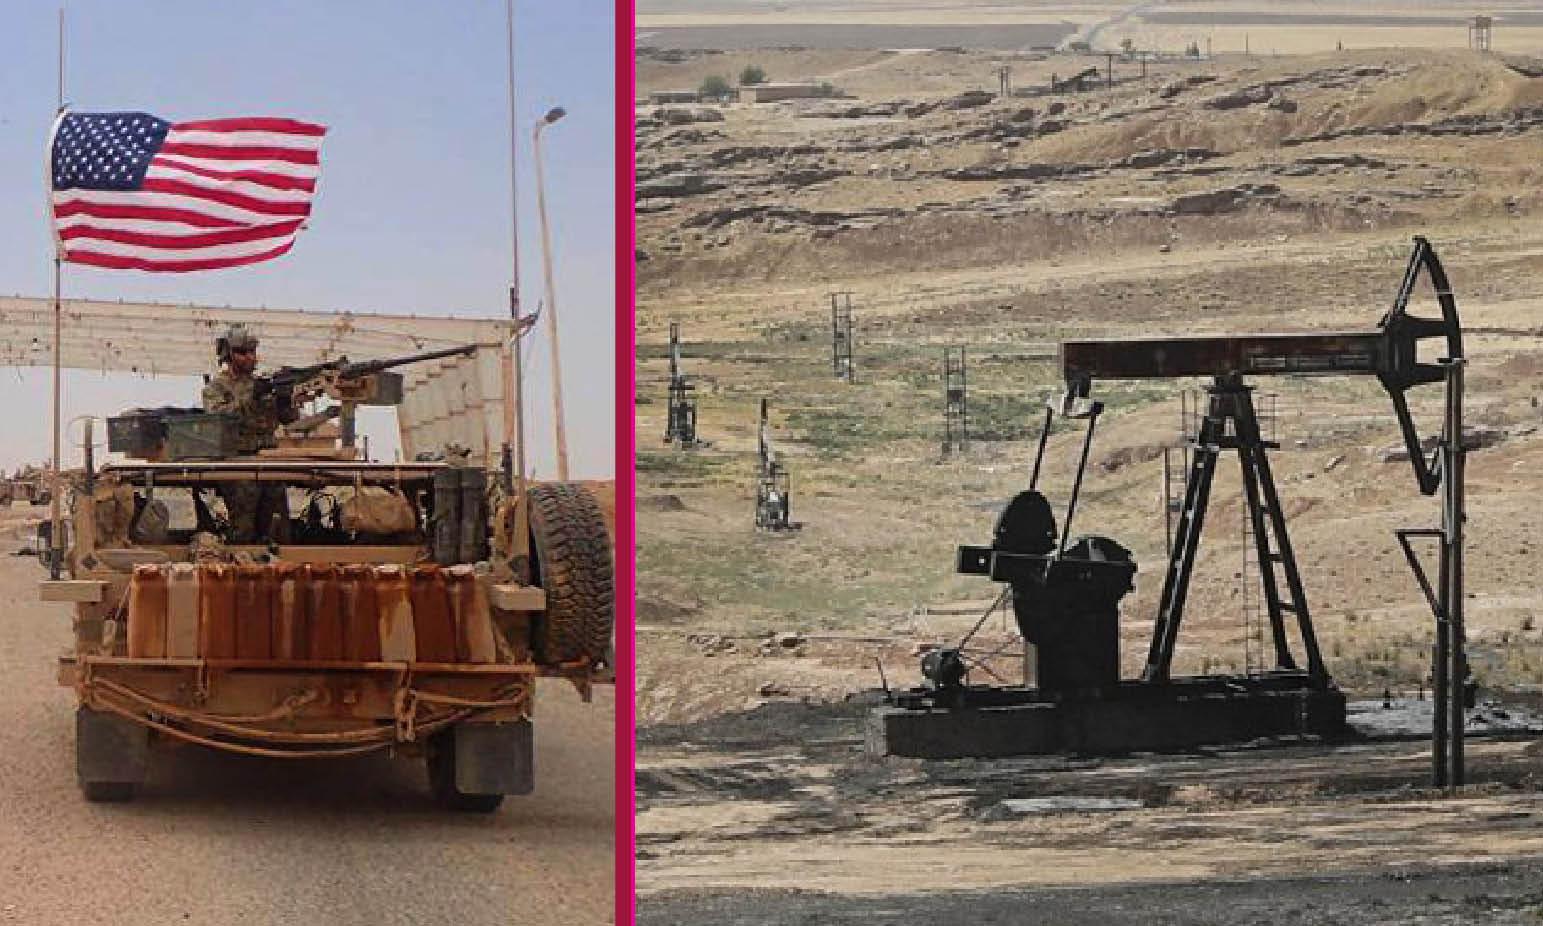 SIRIA: TERRORISTI RECLUTATI DAGLI USA PER CONTRABBANDO DI PETROLIO